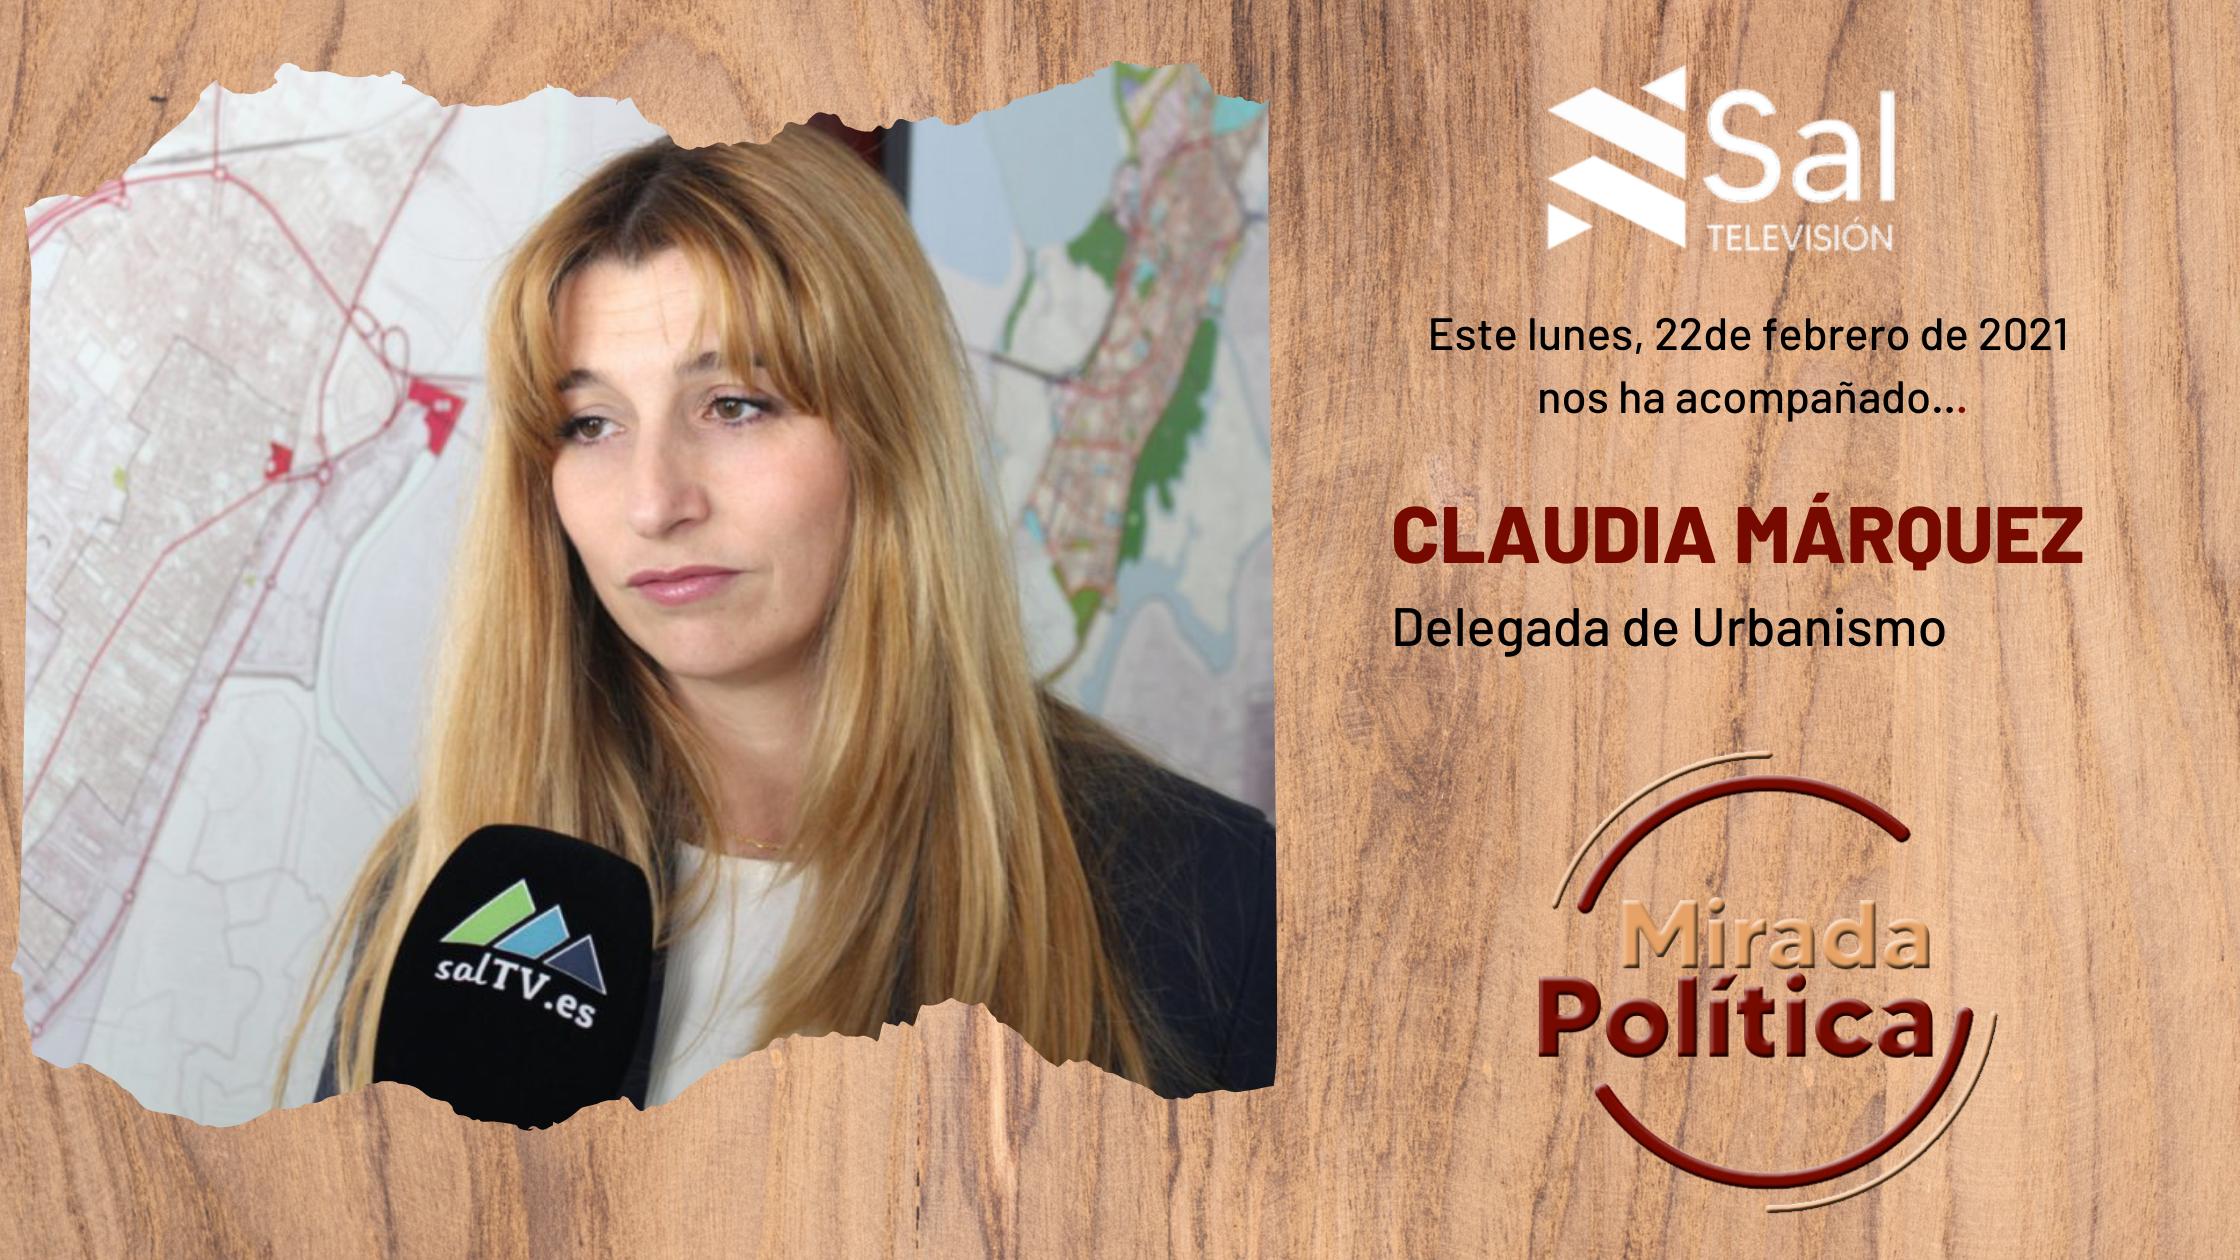 Claudia Márquez,  delegada de Urbanismo